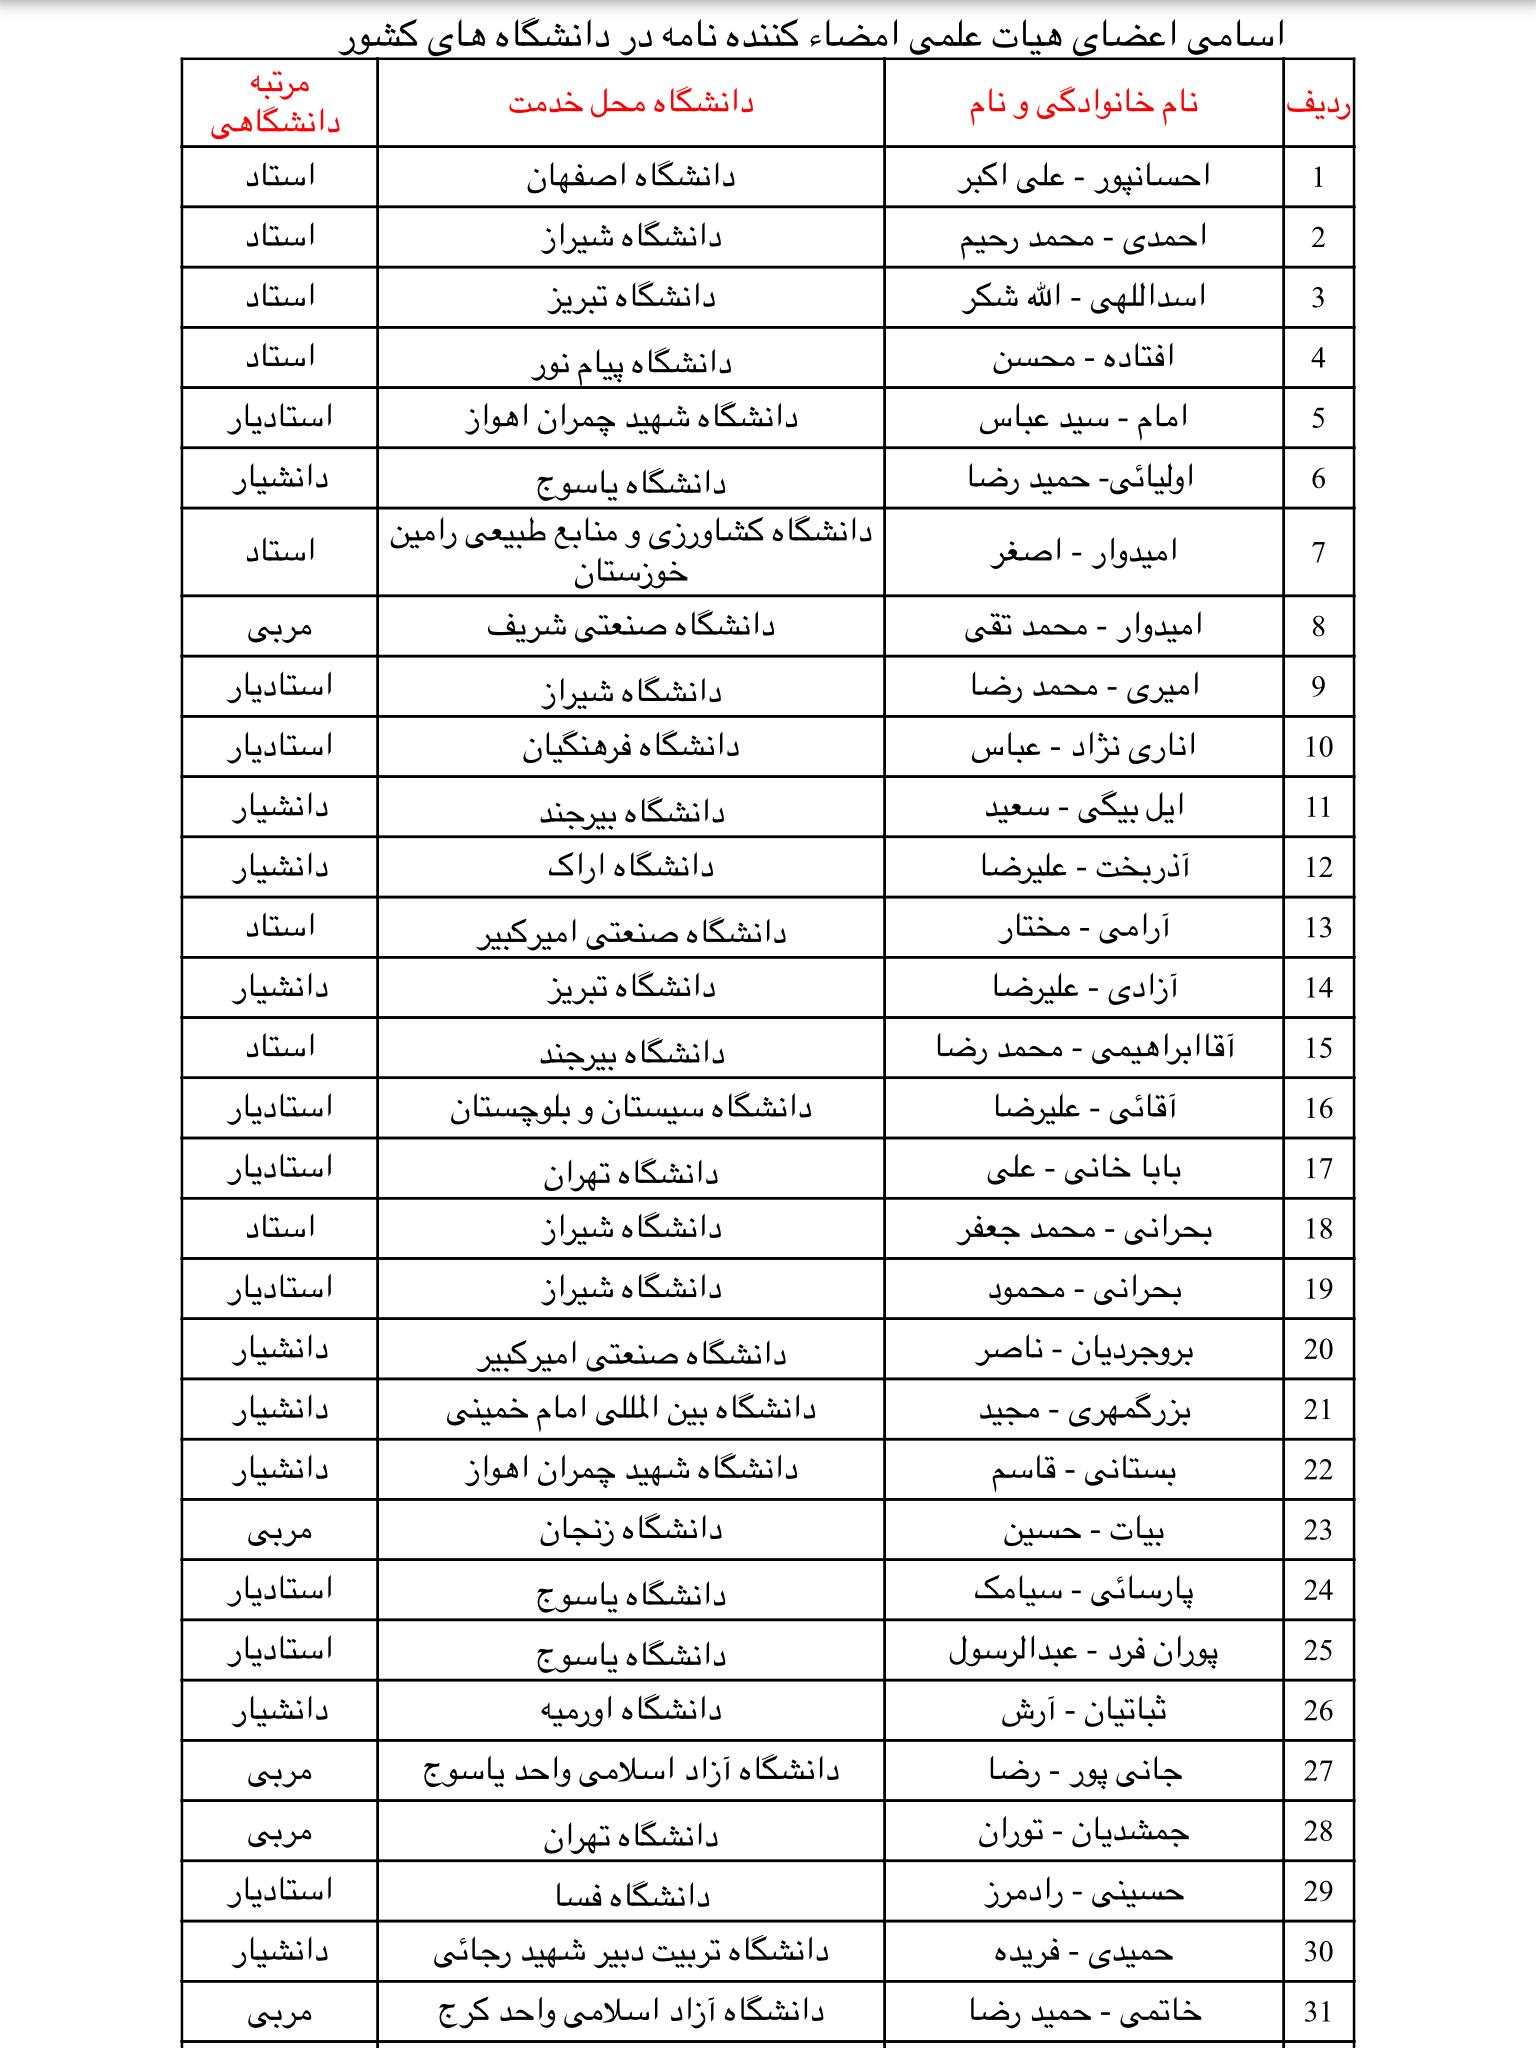 نامه ۱۰۰ استاد دانشگاه به رهبری   انتظارات را فقط بر دولت متمرکز نکنید